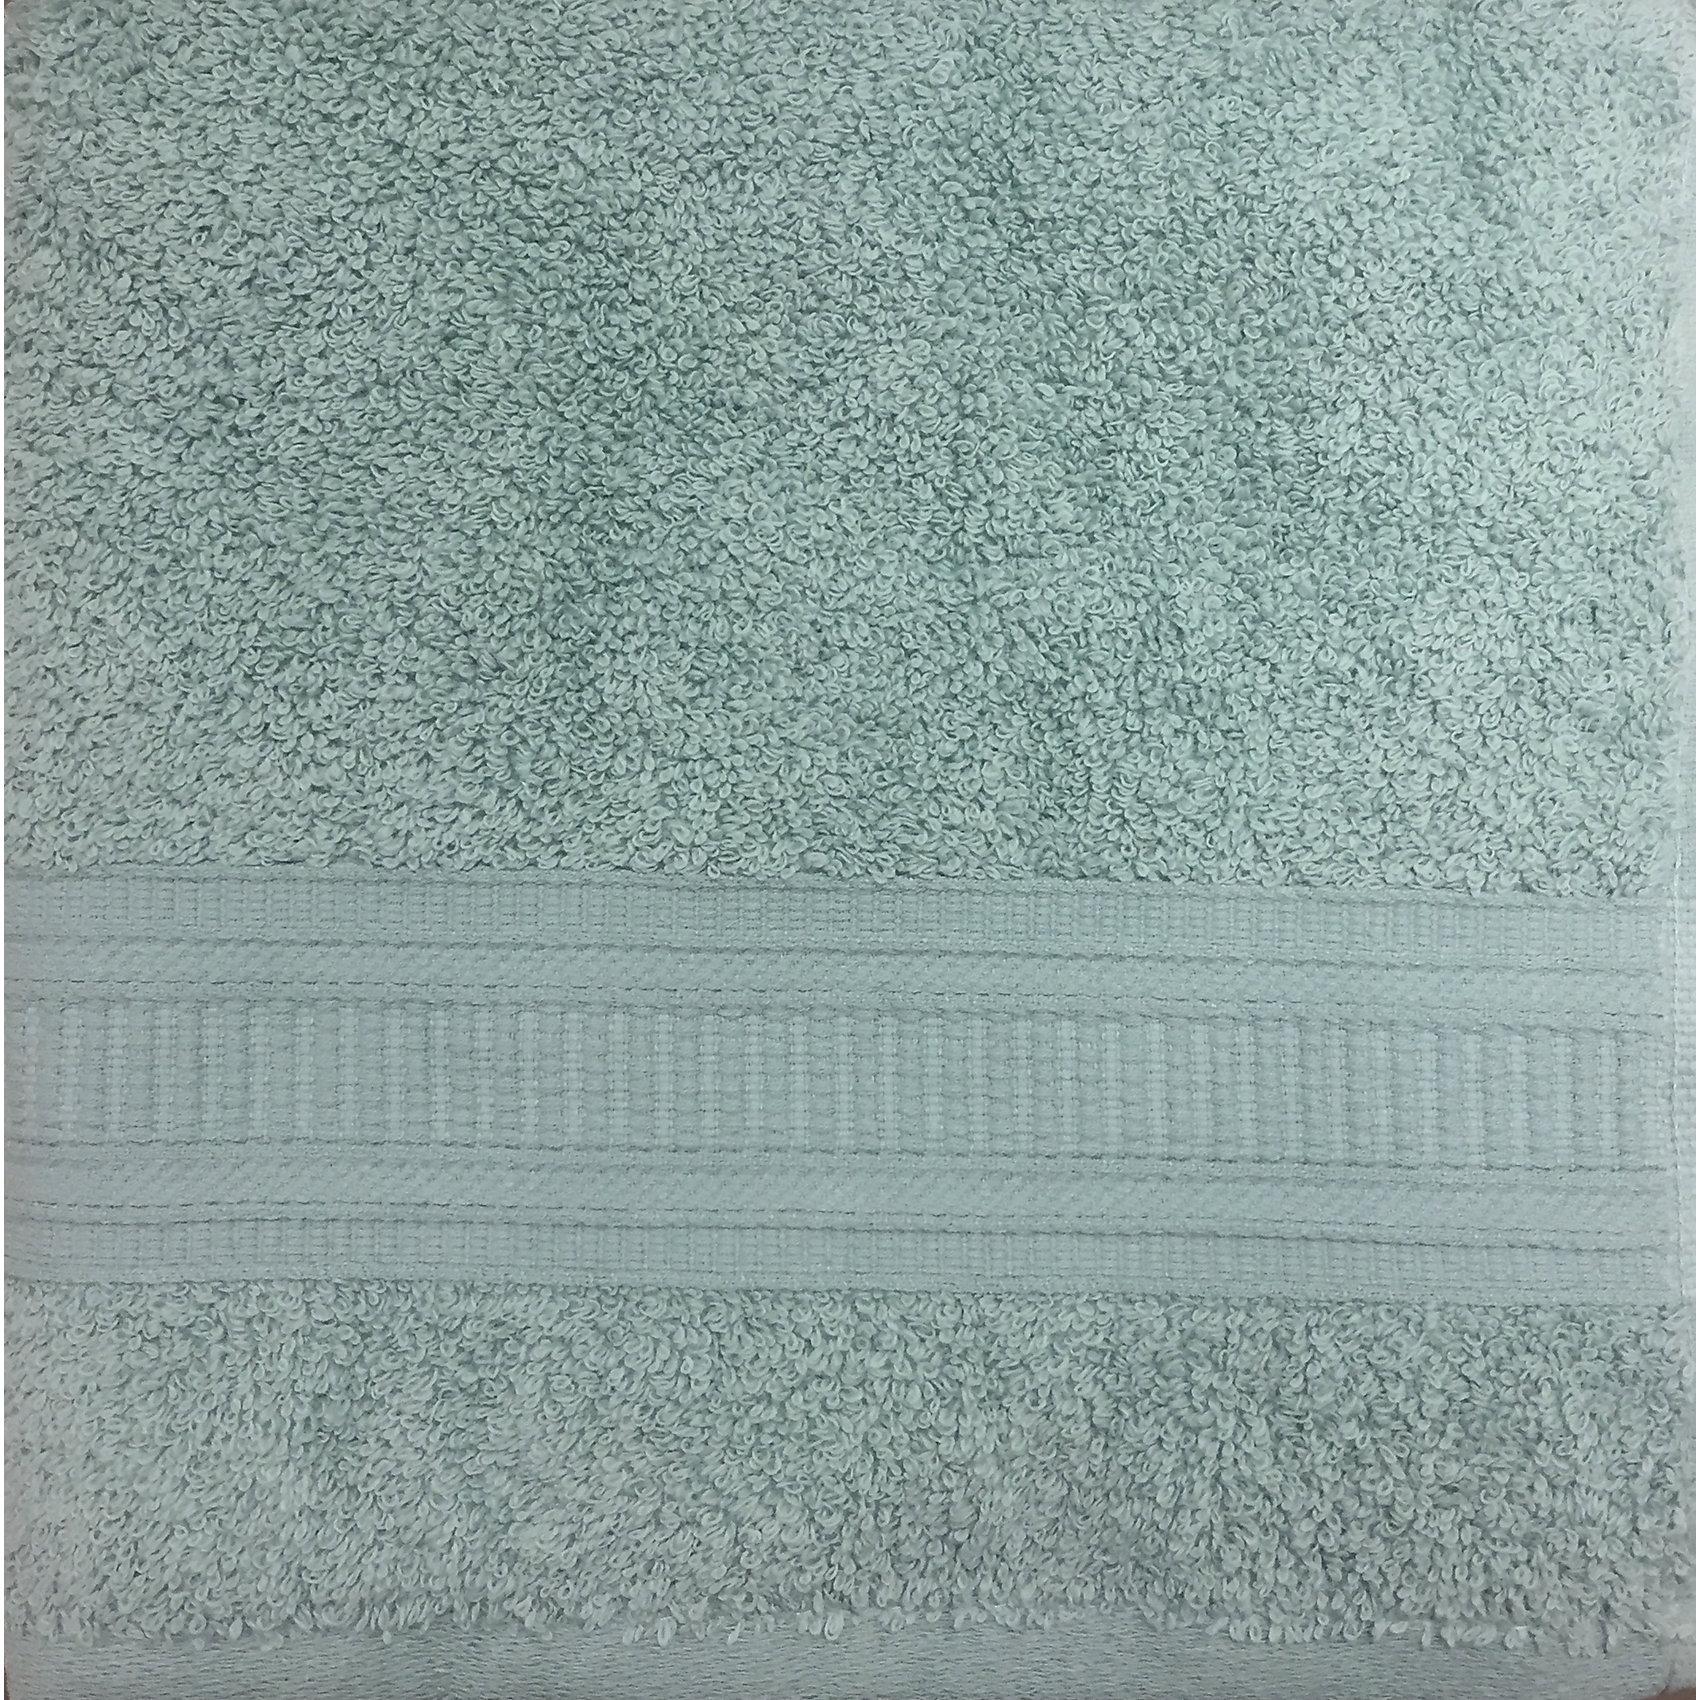 Полотенце махровое Micro satin bedspread 50*90/500 г/м2, TAC, мятныйВанная комната<br>50х90<br><br>Ширина мм: 250<br>Глубина мм: 40<br>Высота мм: 240<br>Вес г: 300<br>Возраст от месяцев: 216<br>Возраст до месяцев: 1188<br>Пол: Унисекс<br>Возраст: Детский<br>SKU: 6849328